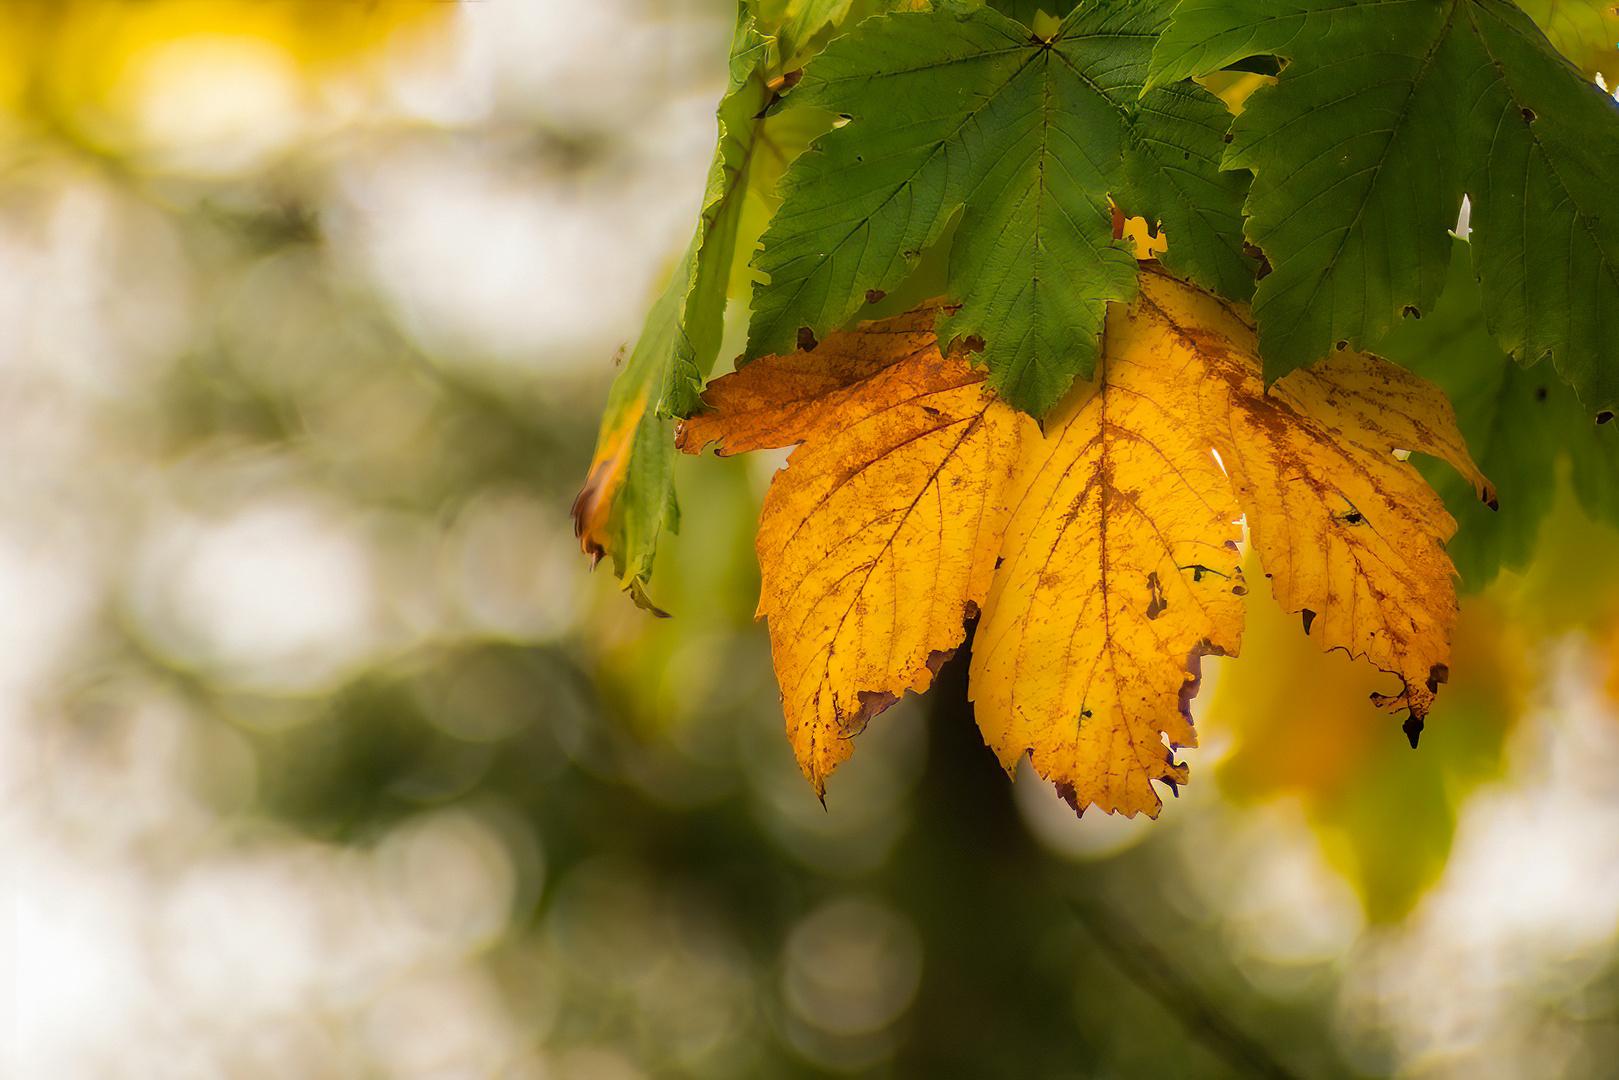 L'autunno, la stagione piu' bella dell'anno